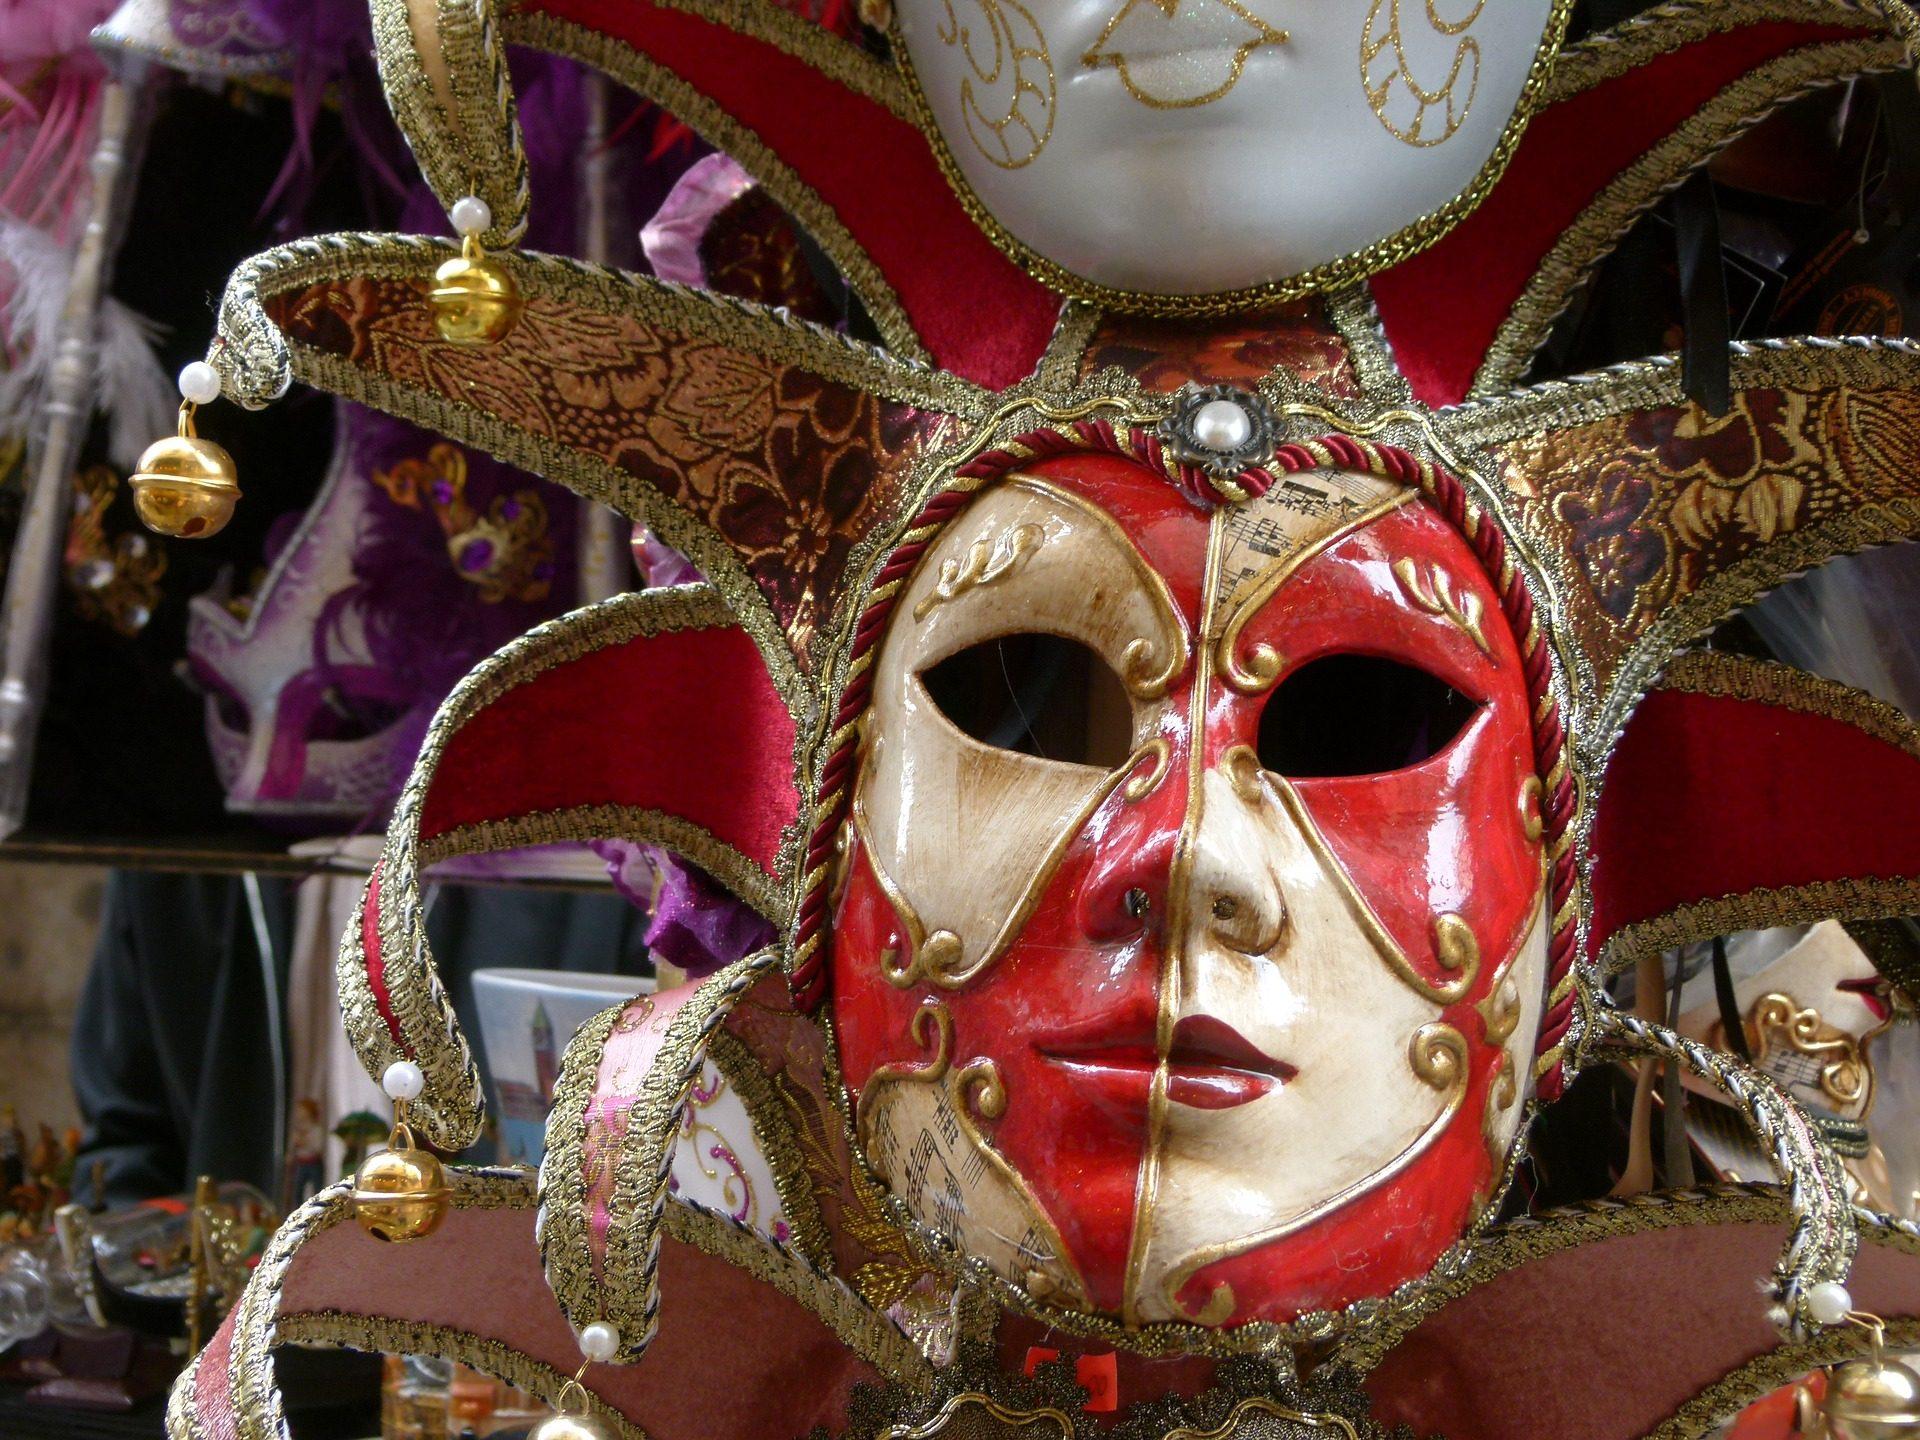 面具, 服装, 嘉年华, 饰品, 威尼斯 - 高清壁纸 - 教授-falken.com